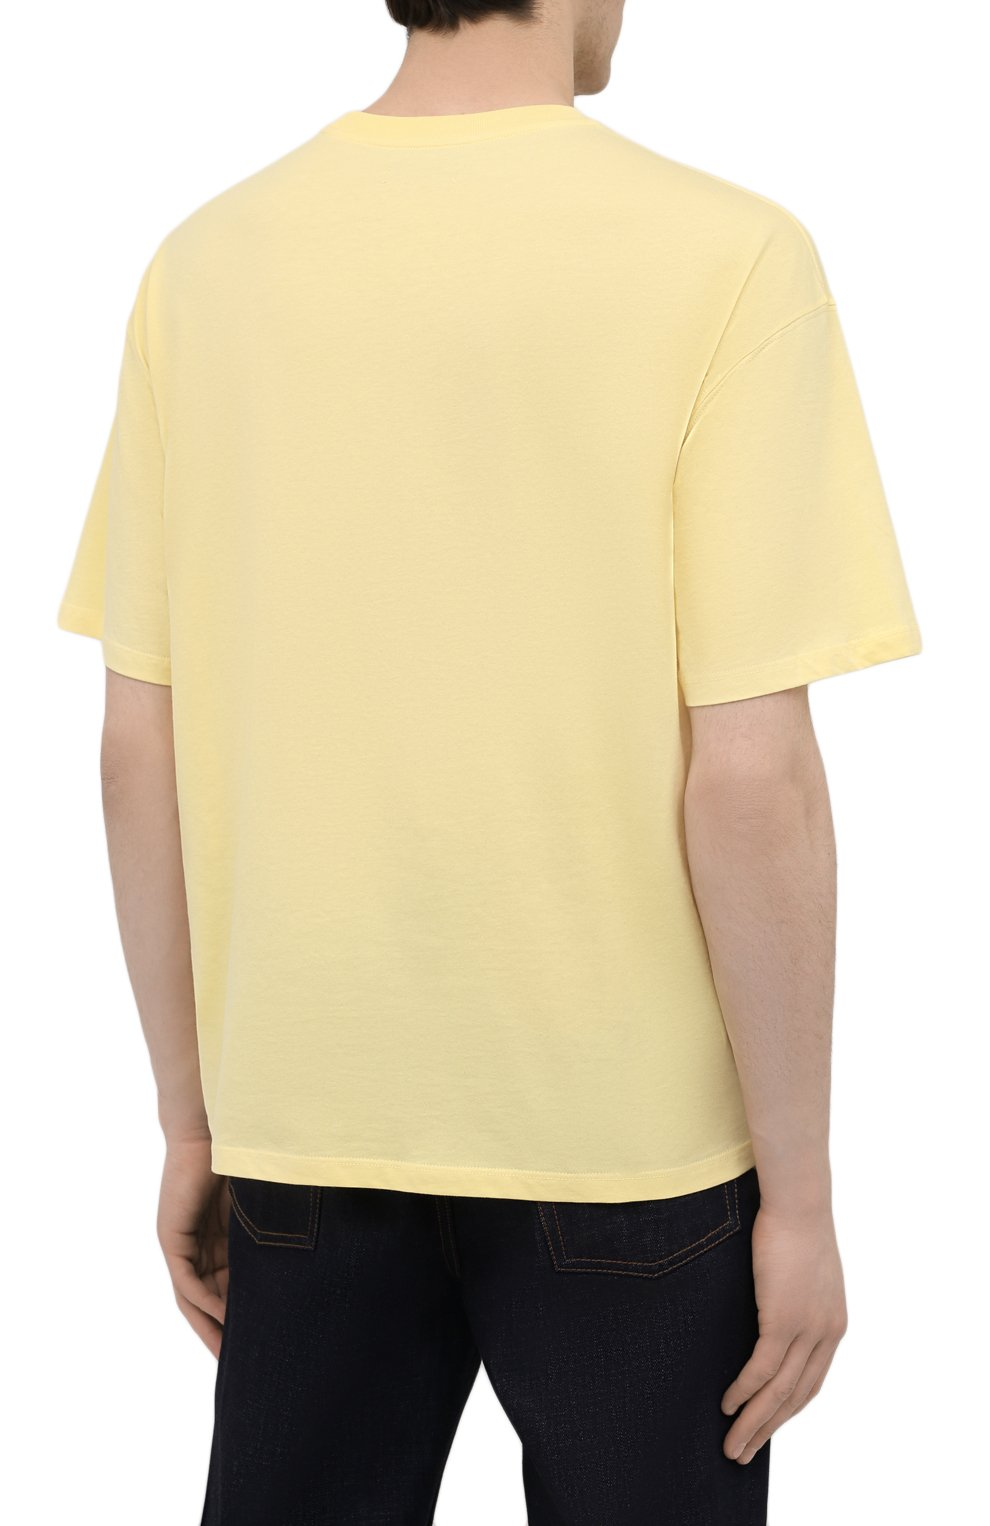 Мужская хлопковая футболка OPENING CEREMONY желтого цвета, арт. YMAA001S21JER002 | Фото 4 (Рукава: Короткие; Длина (для топов): Стандартные; Стили: Гранж; Принт: С принтом; Материал внешний: Хлопок)